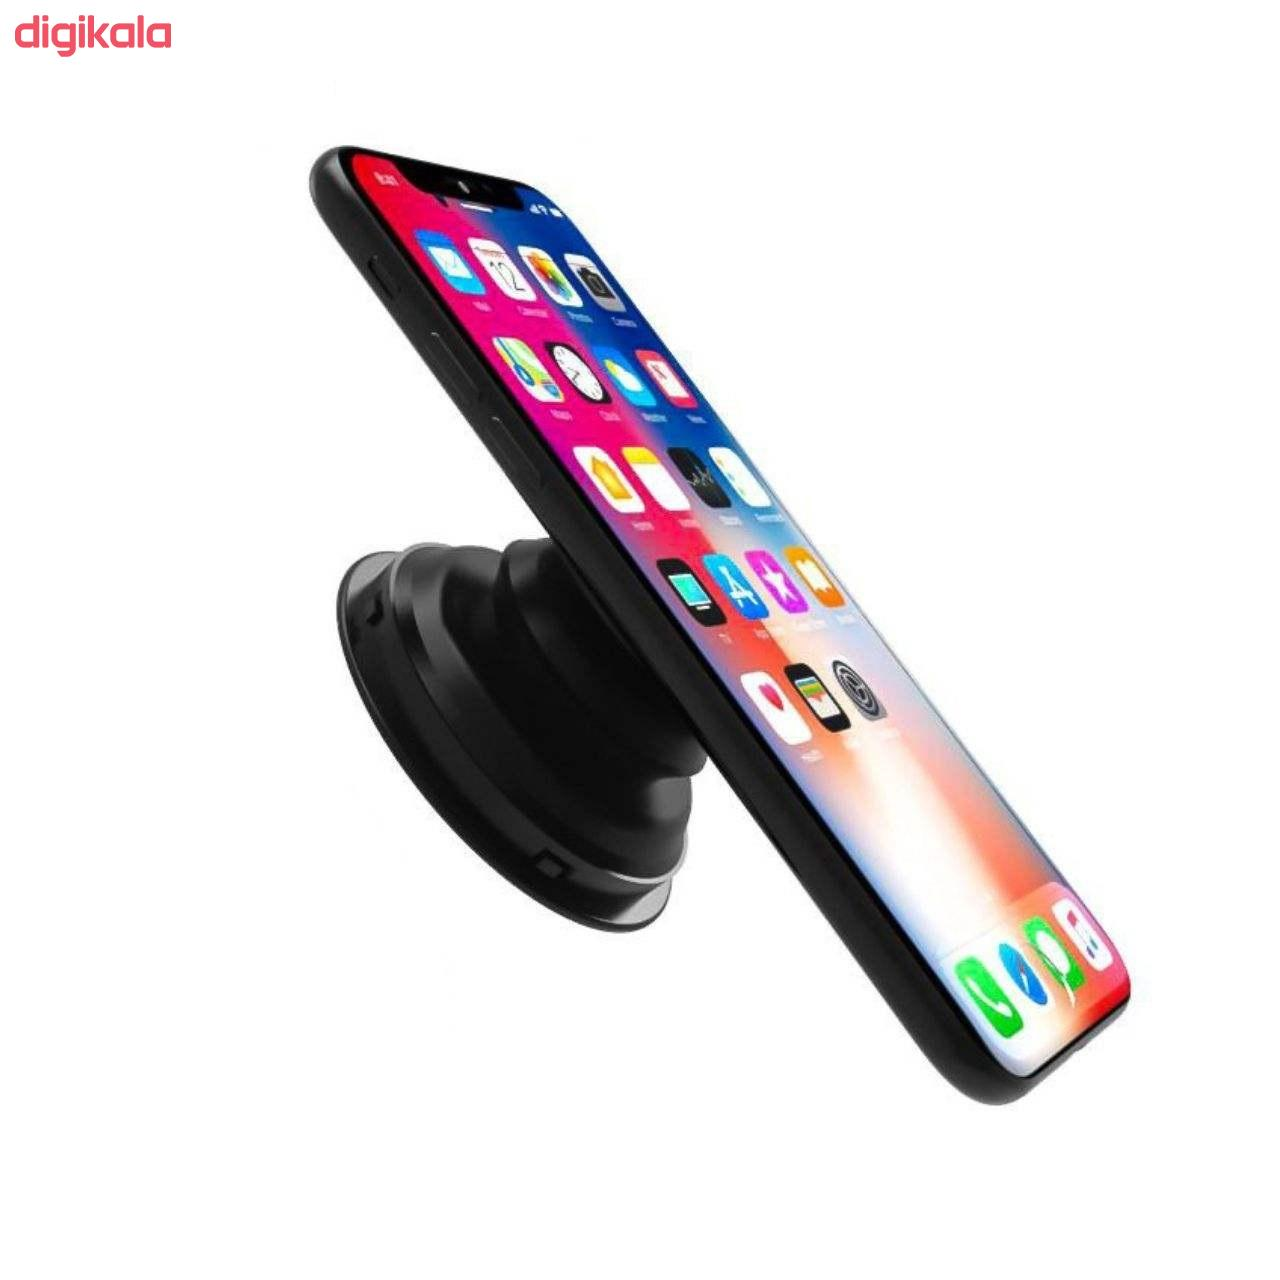 پایه نگهدارنده گوشی موبایل پاپ سوکت مدل Panda main 1 5